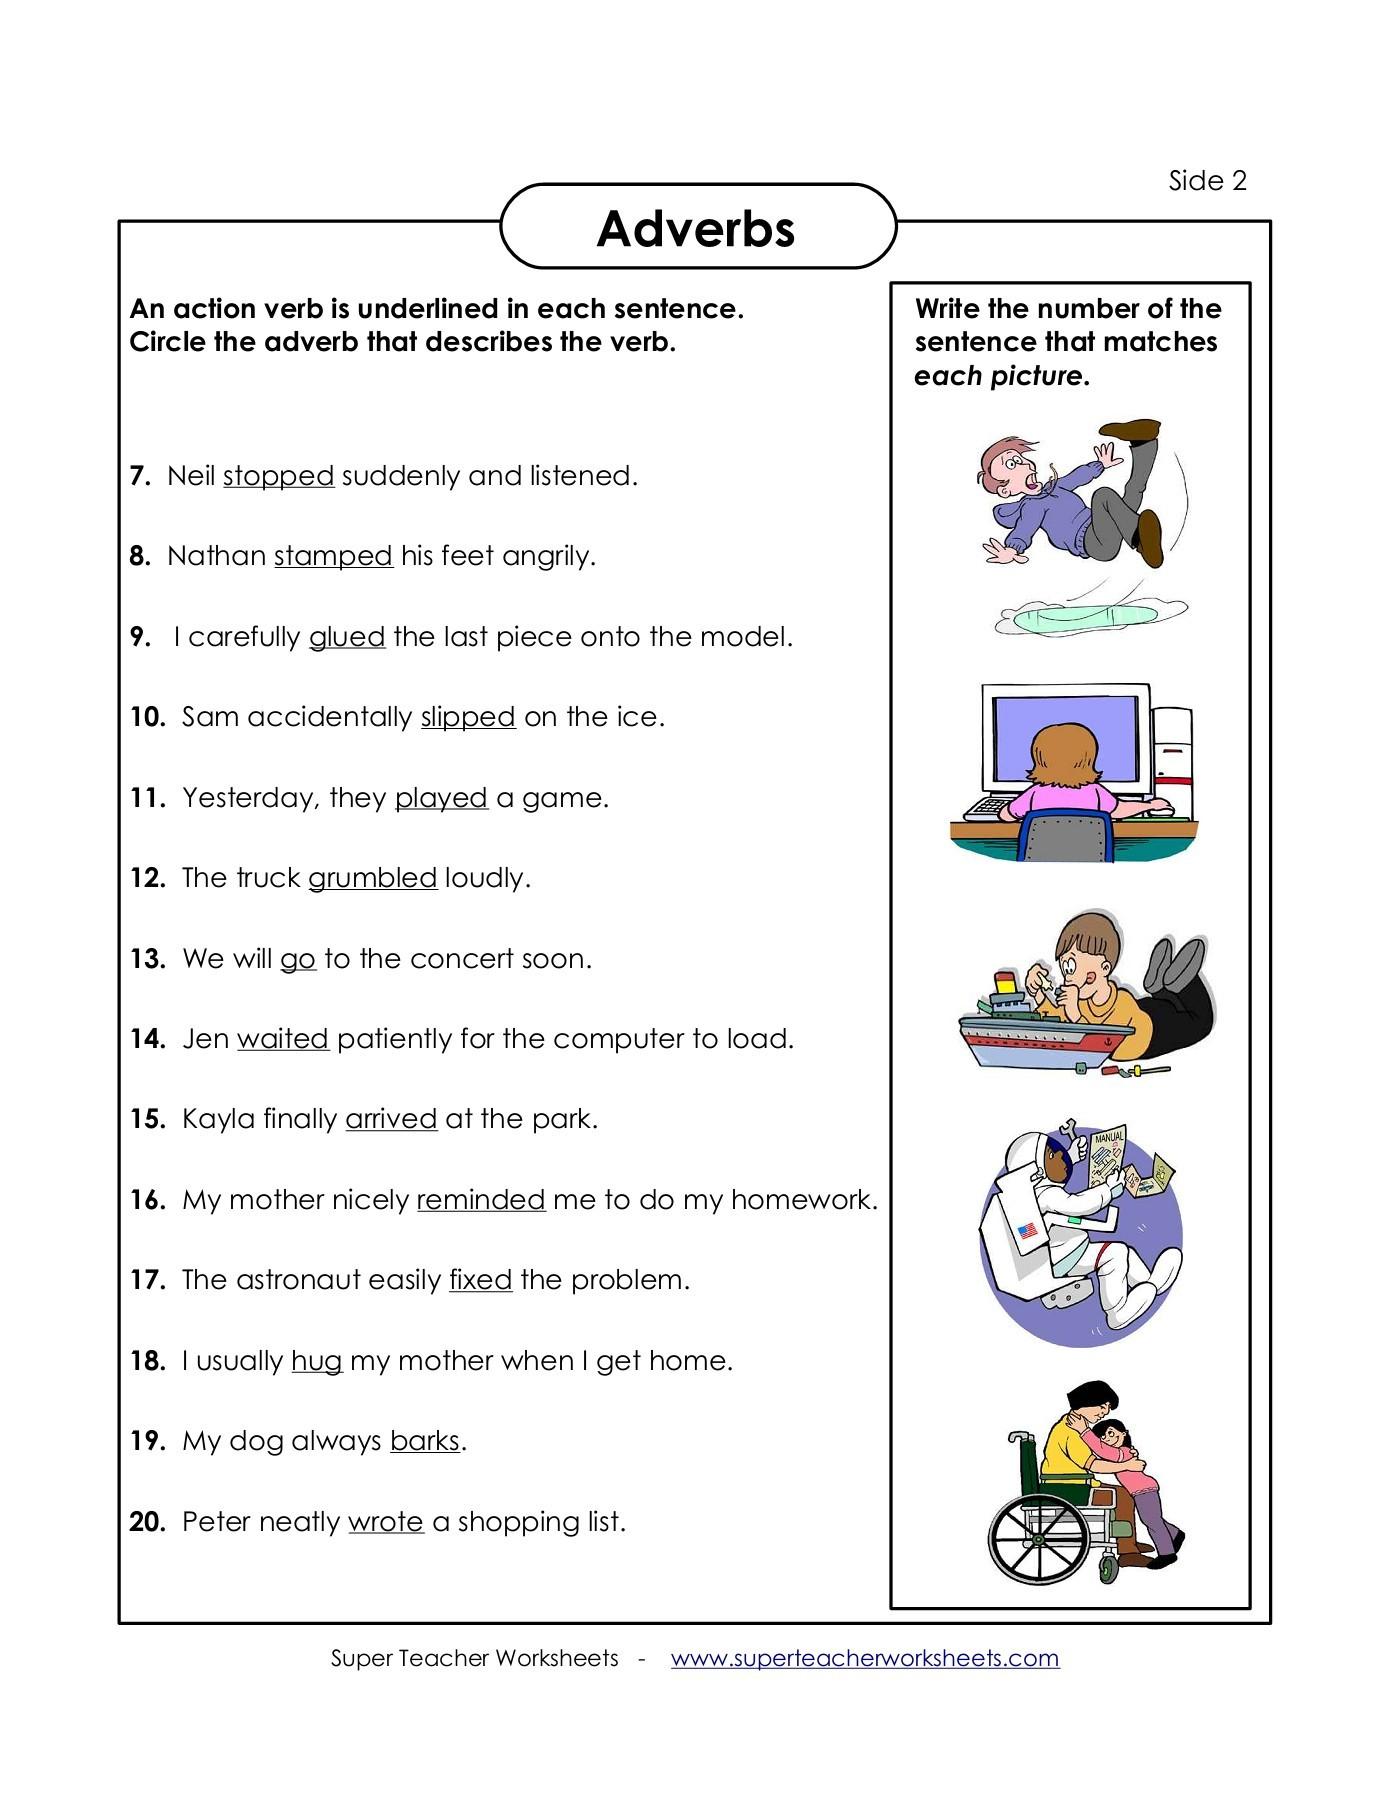 Printables Of Super Teaher Worksheets